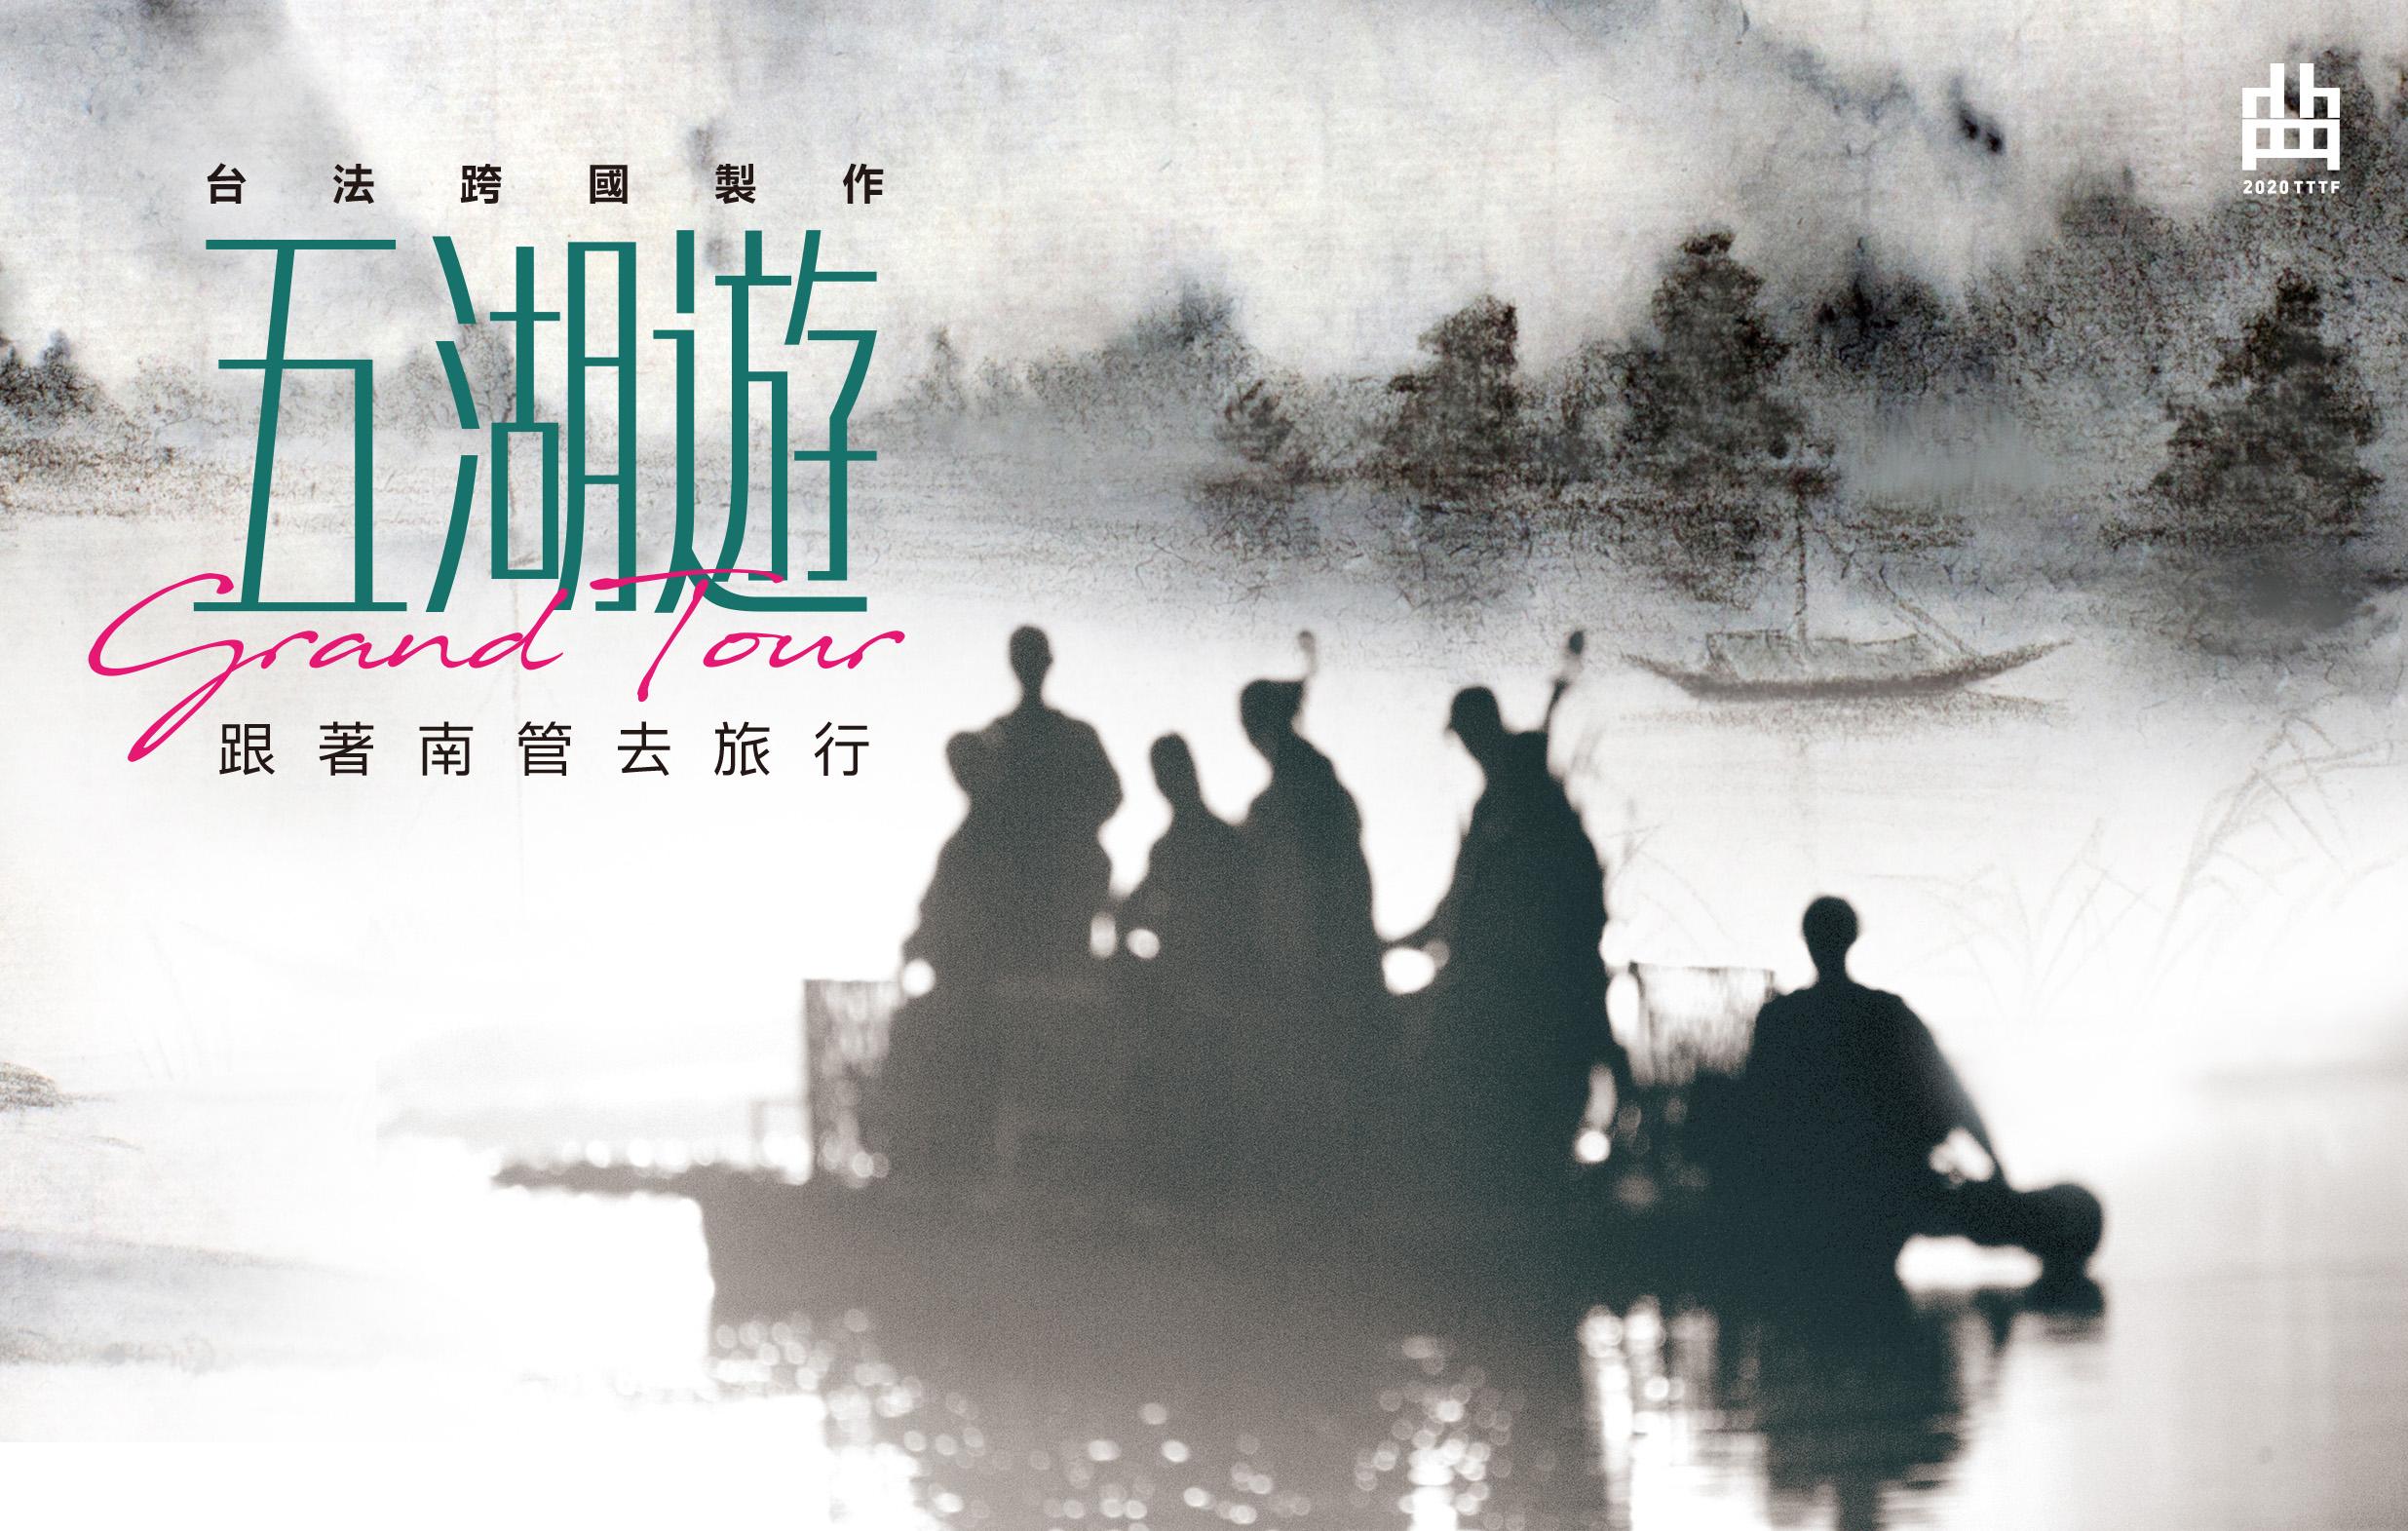 《五湖遊—東西古樂印象光影》心心南管樂坊|2020臺灣戲曲藝術節